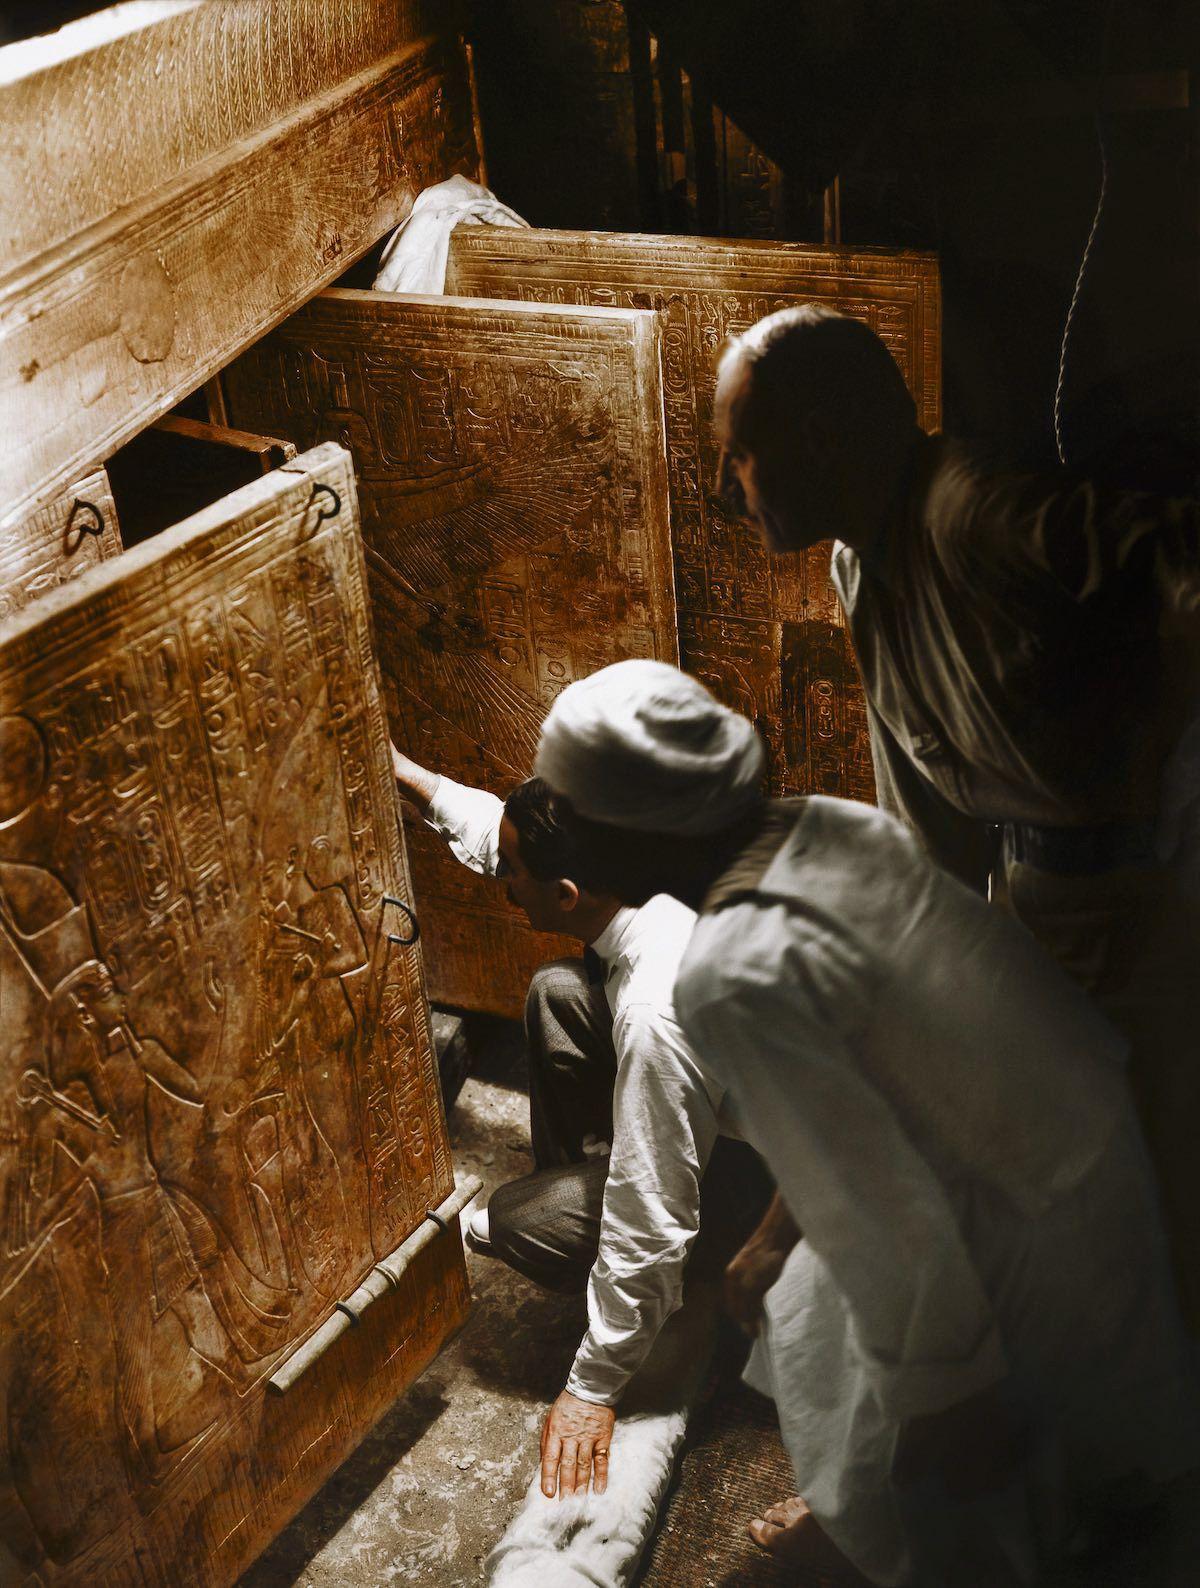 考古團受「法老詛咒」22人遭奪.命 探勘隊再進入驚見墓牆密語:打擾者必懲